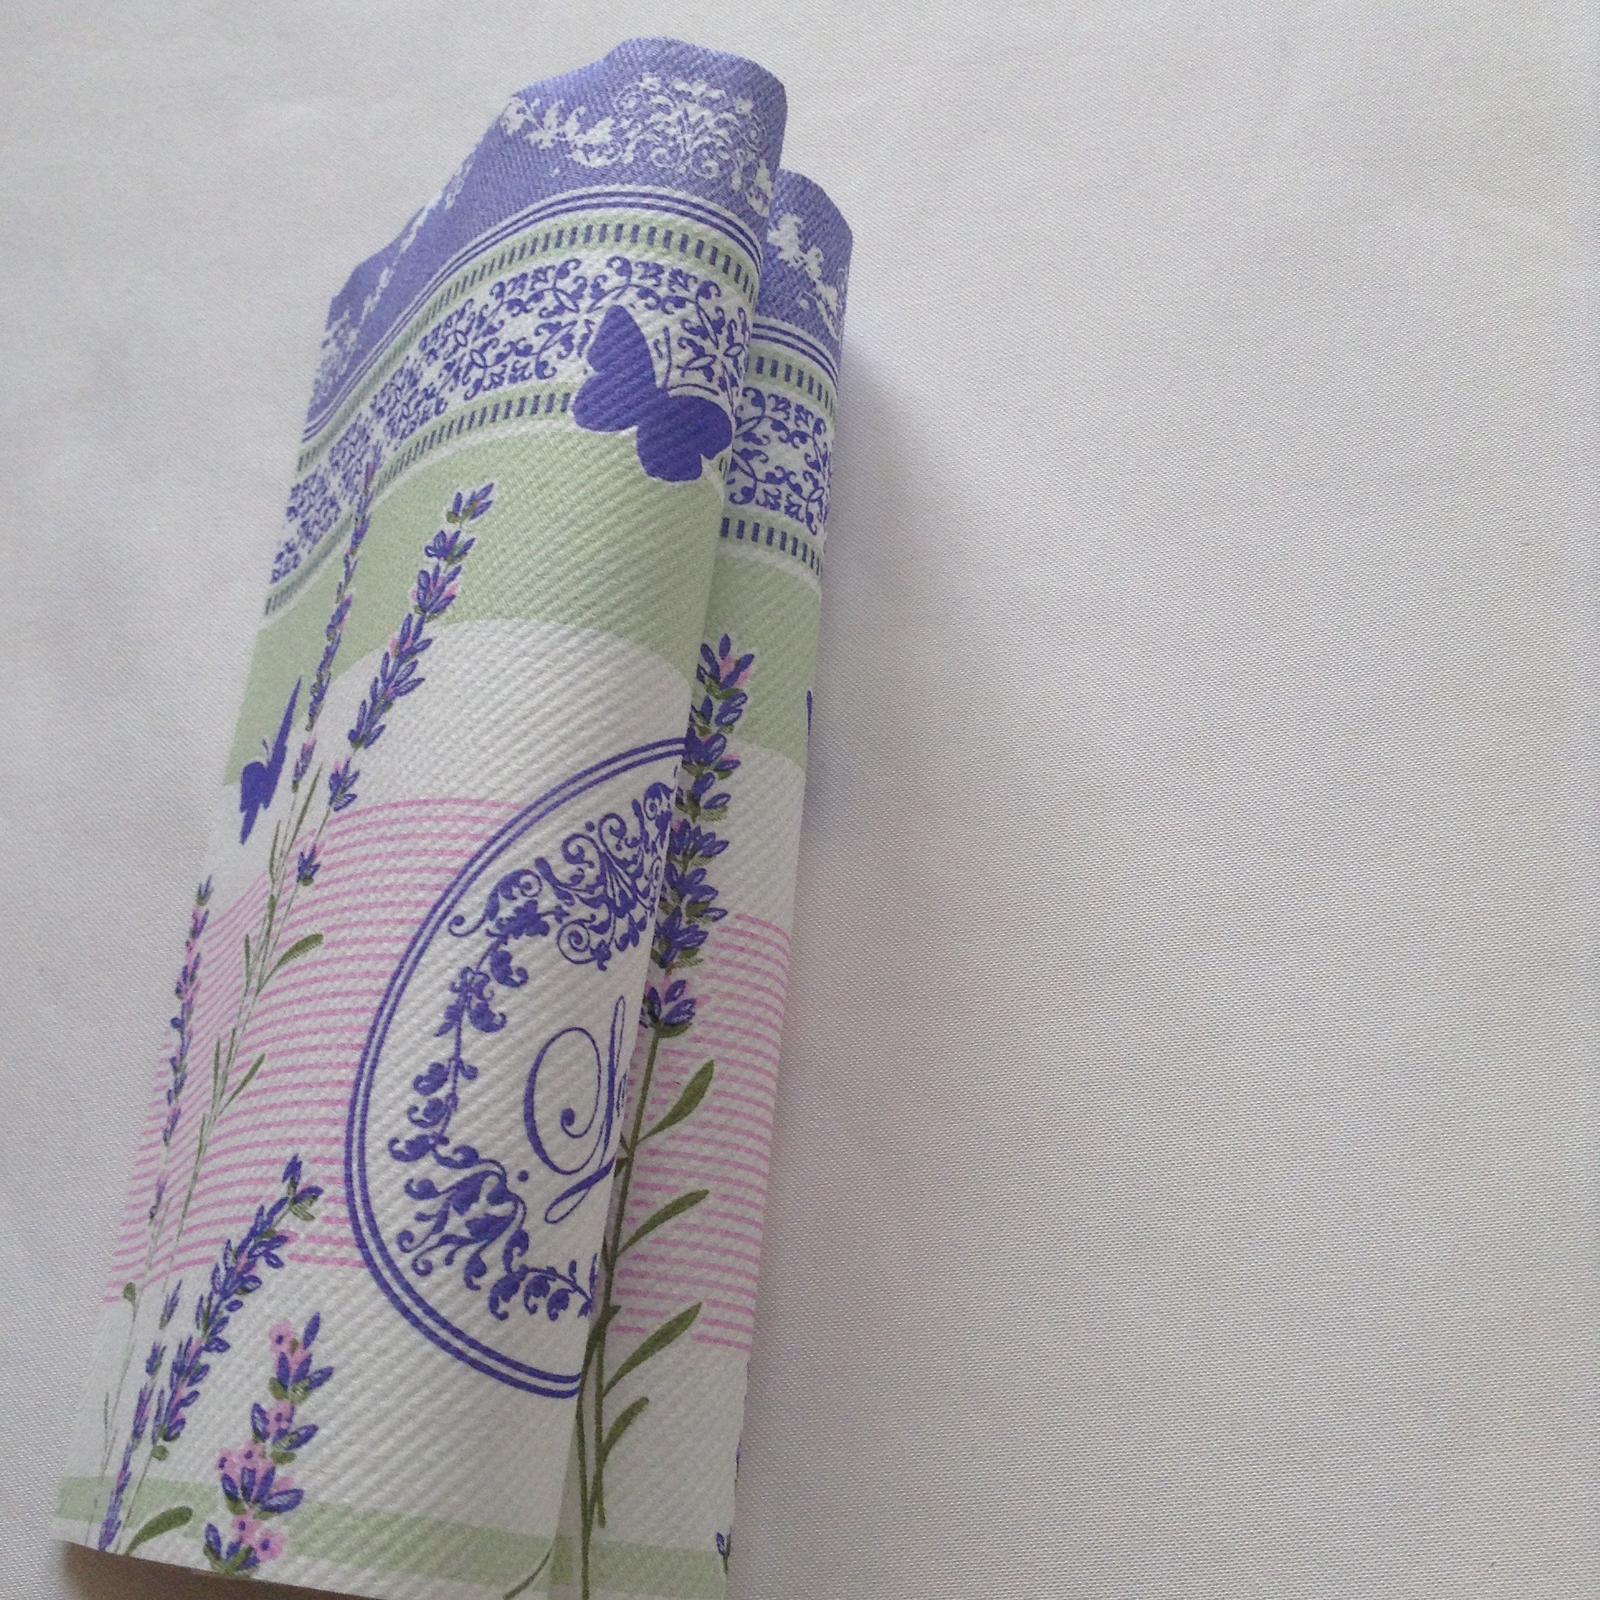 Luxusné servítky z netkanej textílie 40 x 40 cm -  - Obrázok č. 4